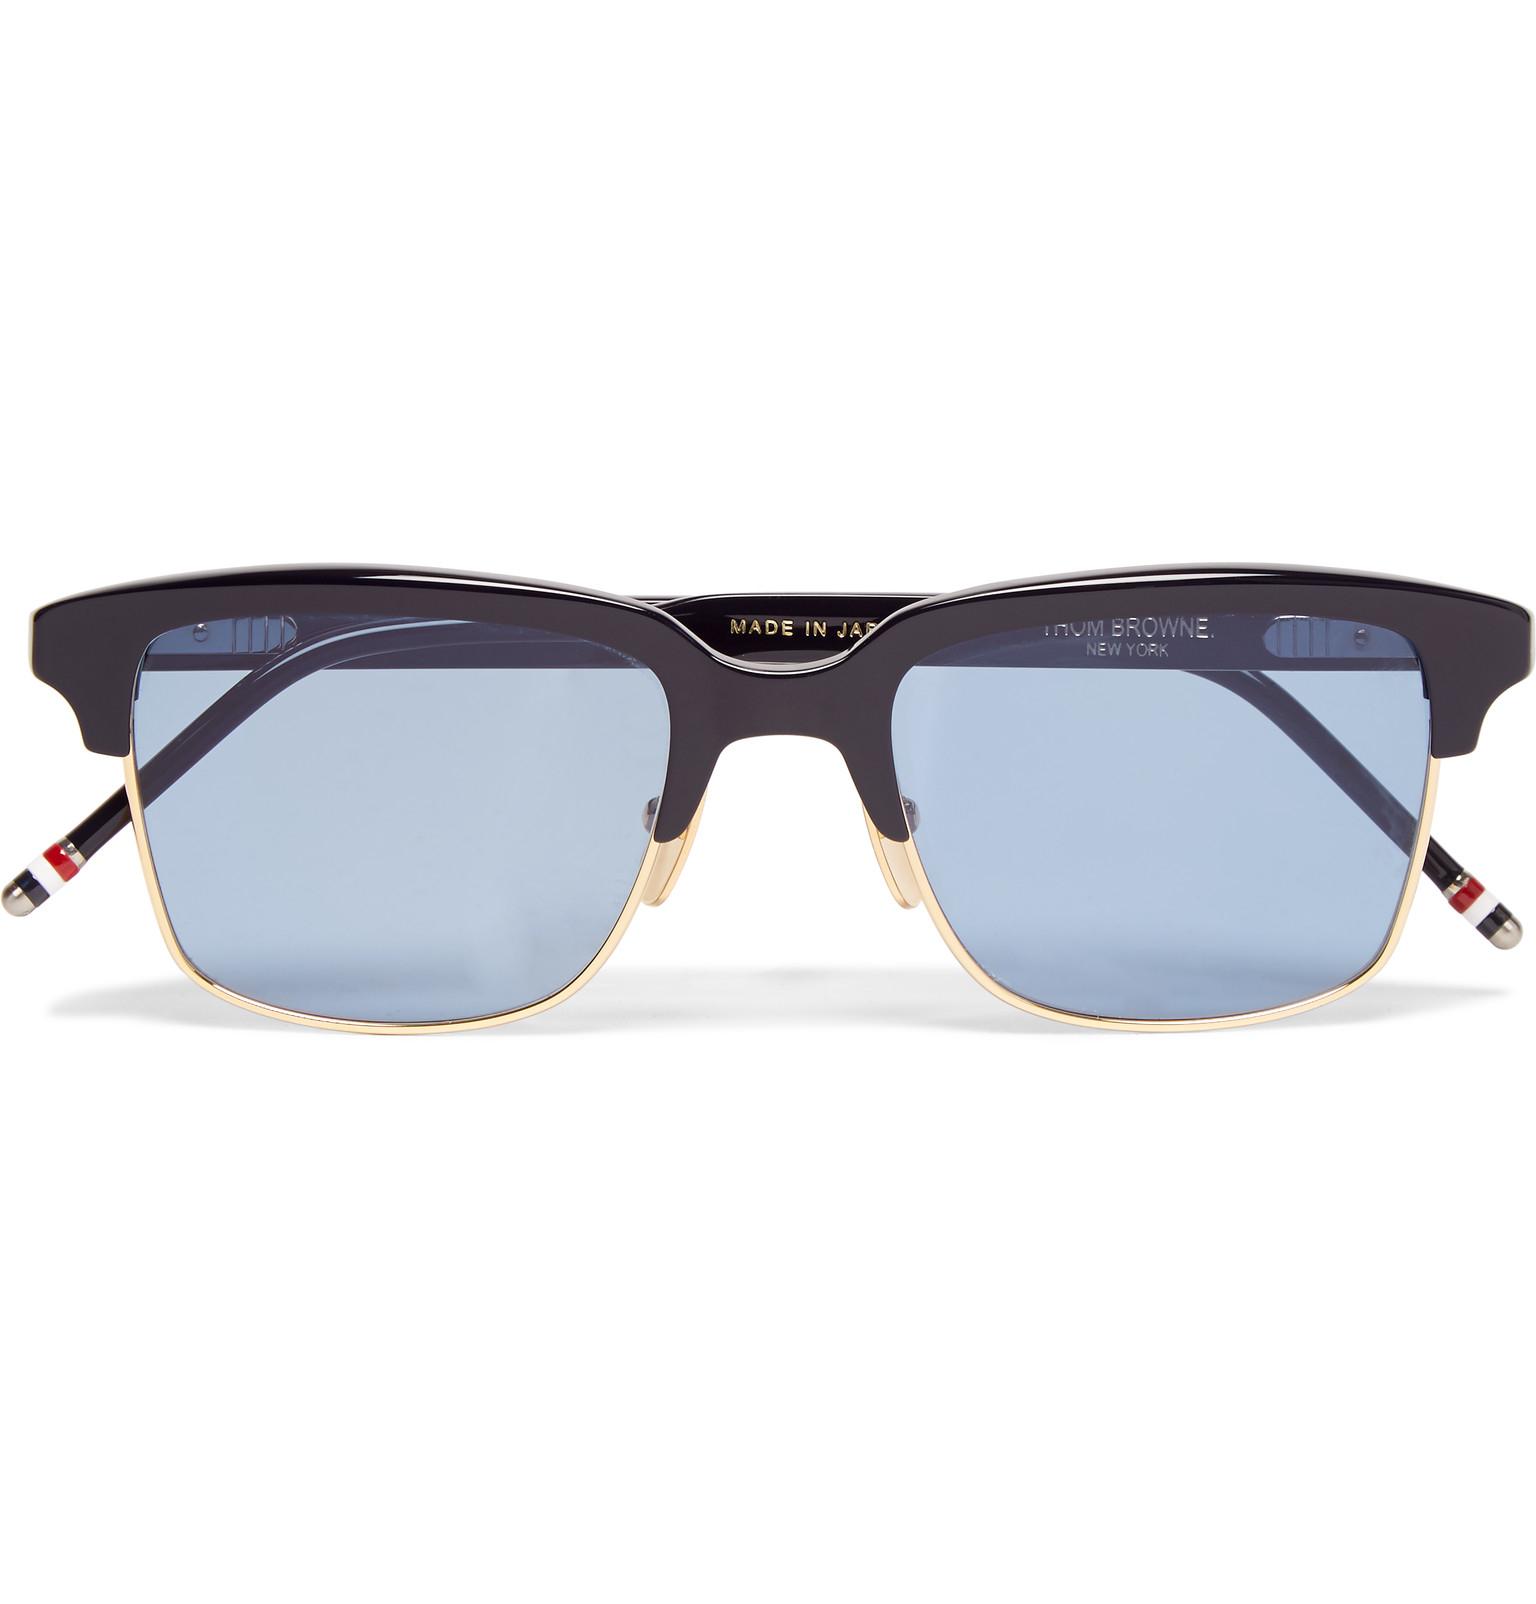 9a473e8d92a Thom Browne Square-frame Acetate And Gold-tone Sunglasses in Blue ...